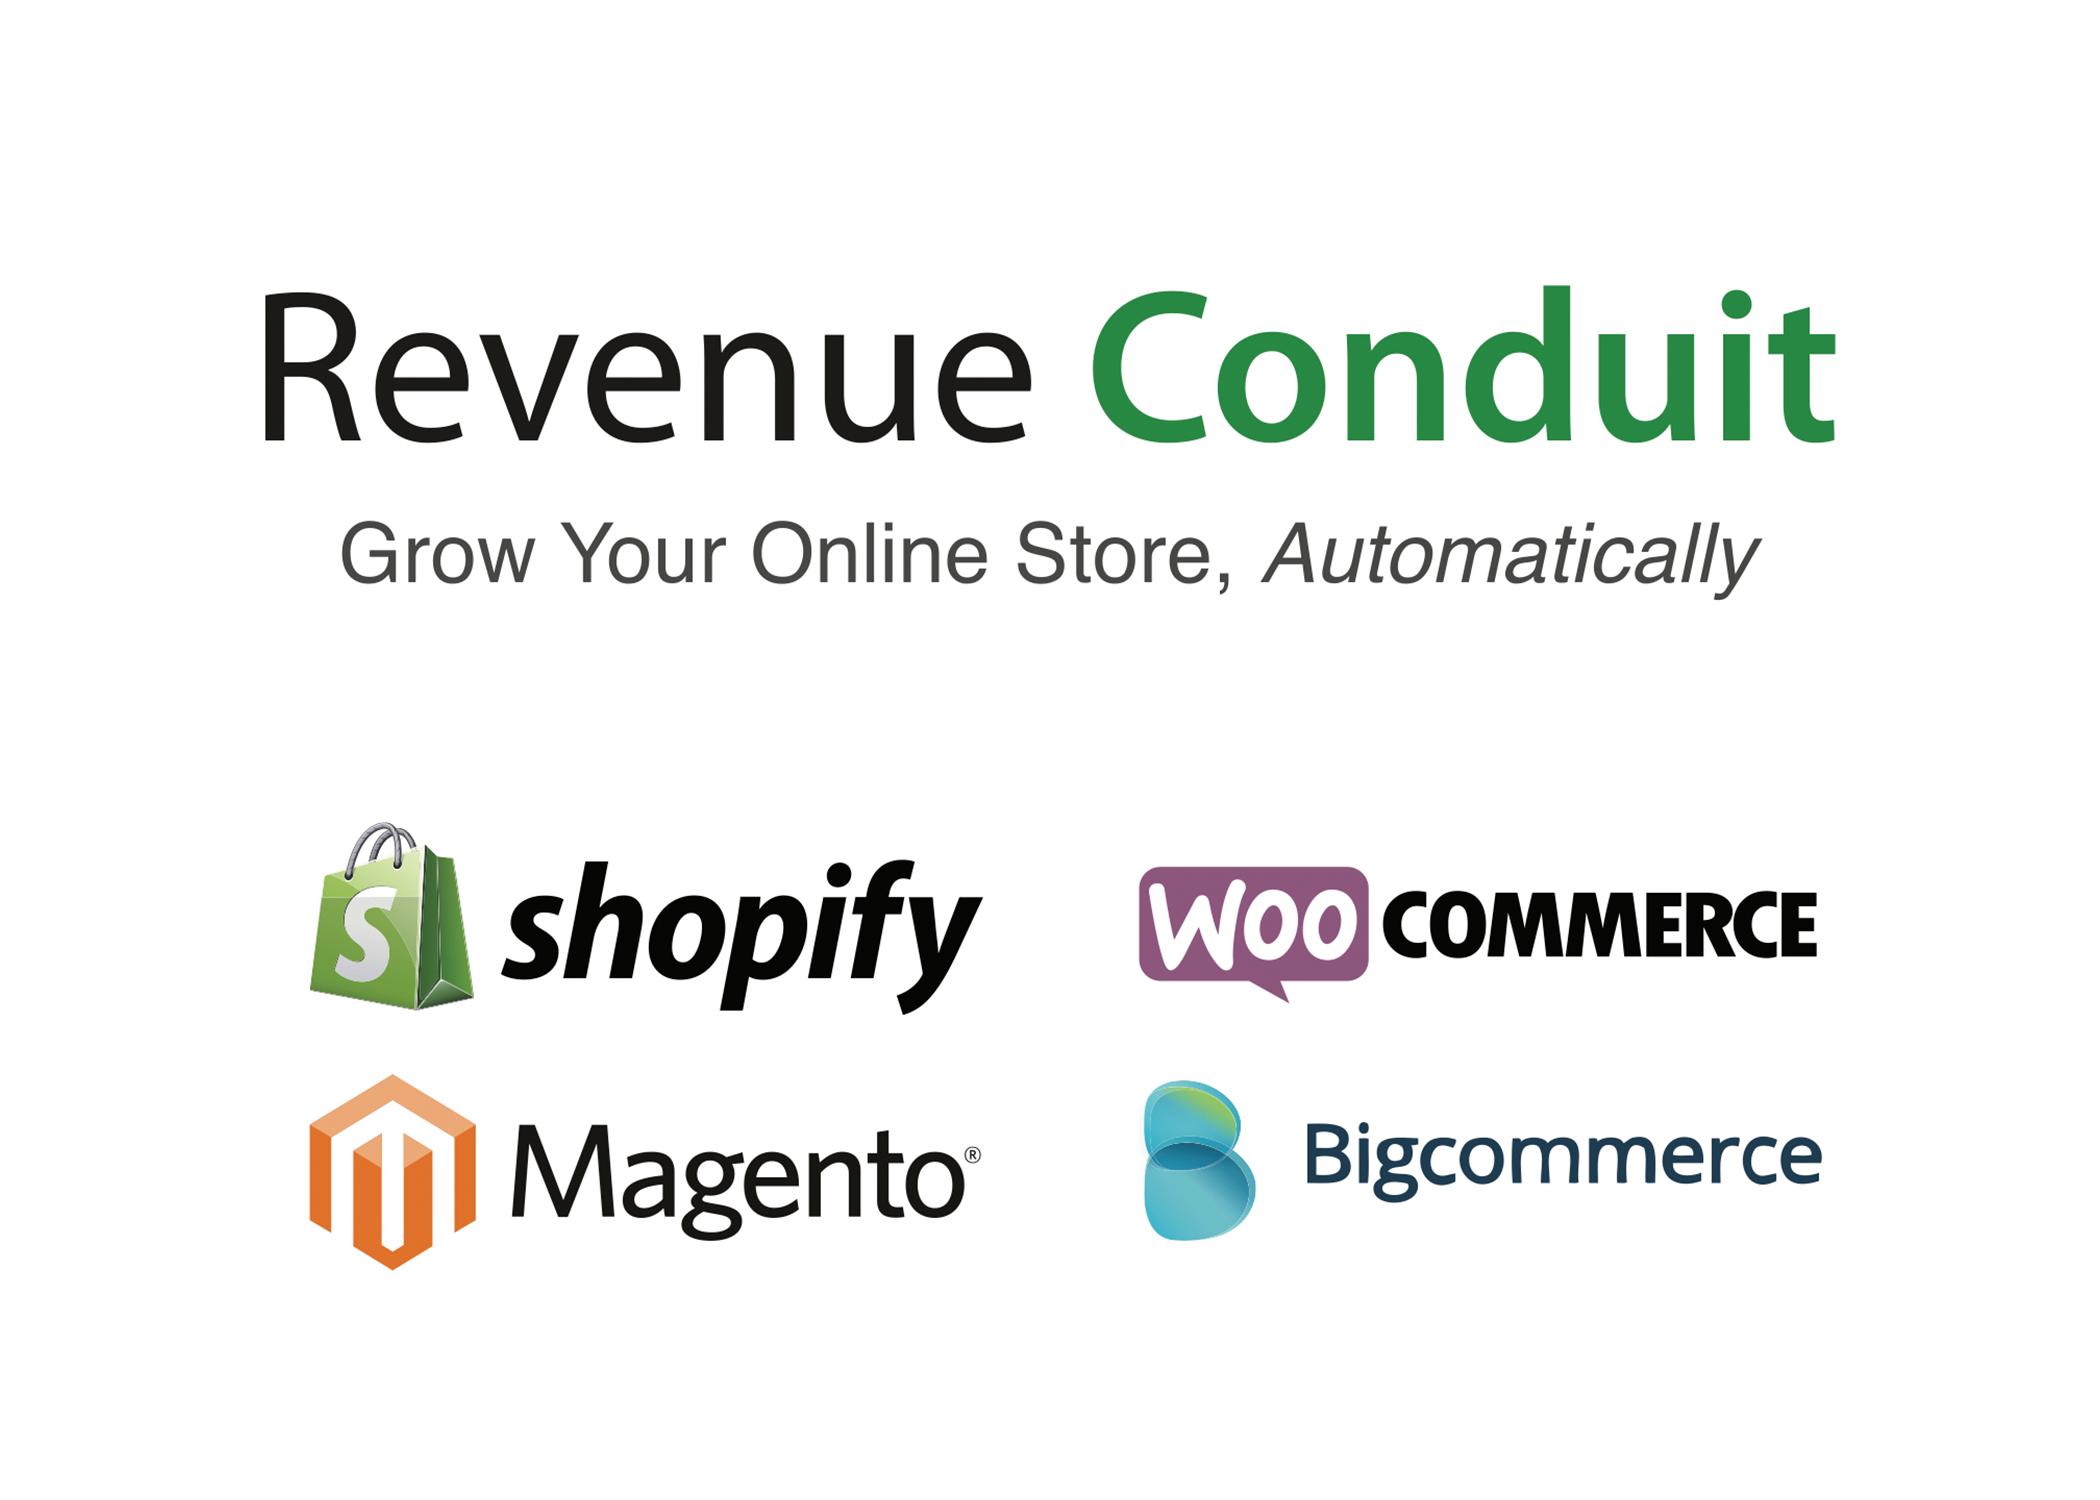 RevenueConduit_connectors-1.png